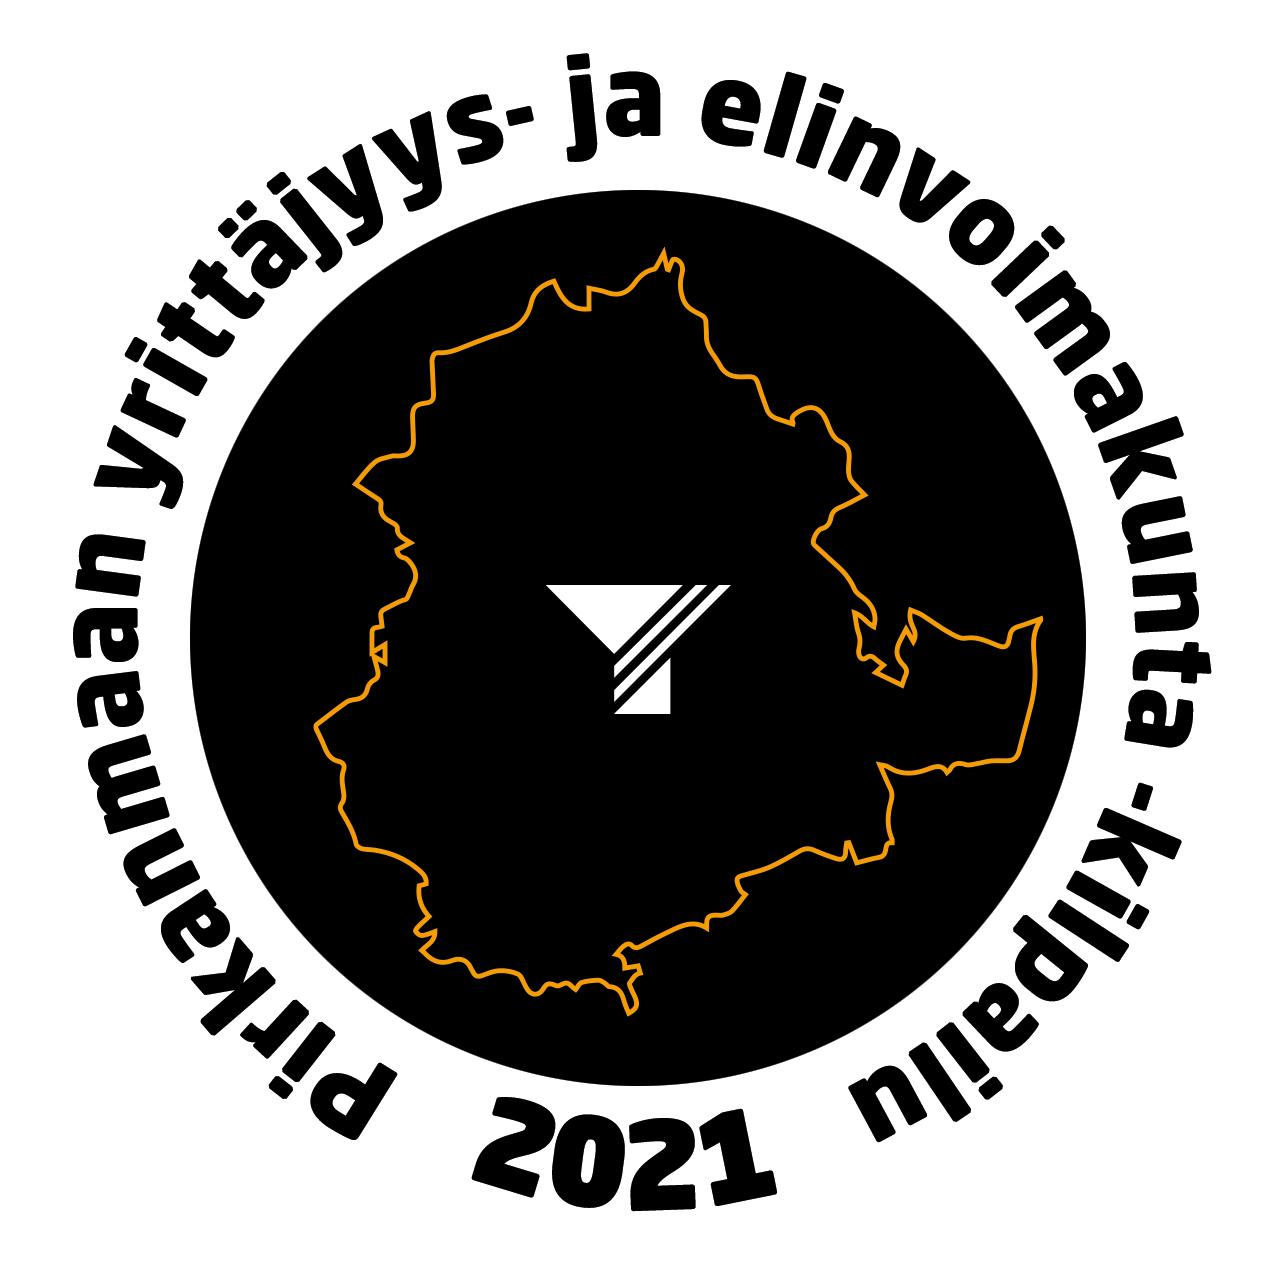 Pirkanmaan yrittäjyys- ja elinvoimakunta -kilpailun logo vuonna 2021.